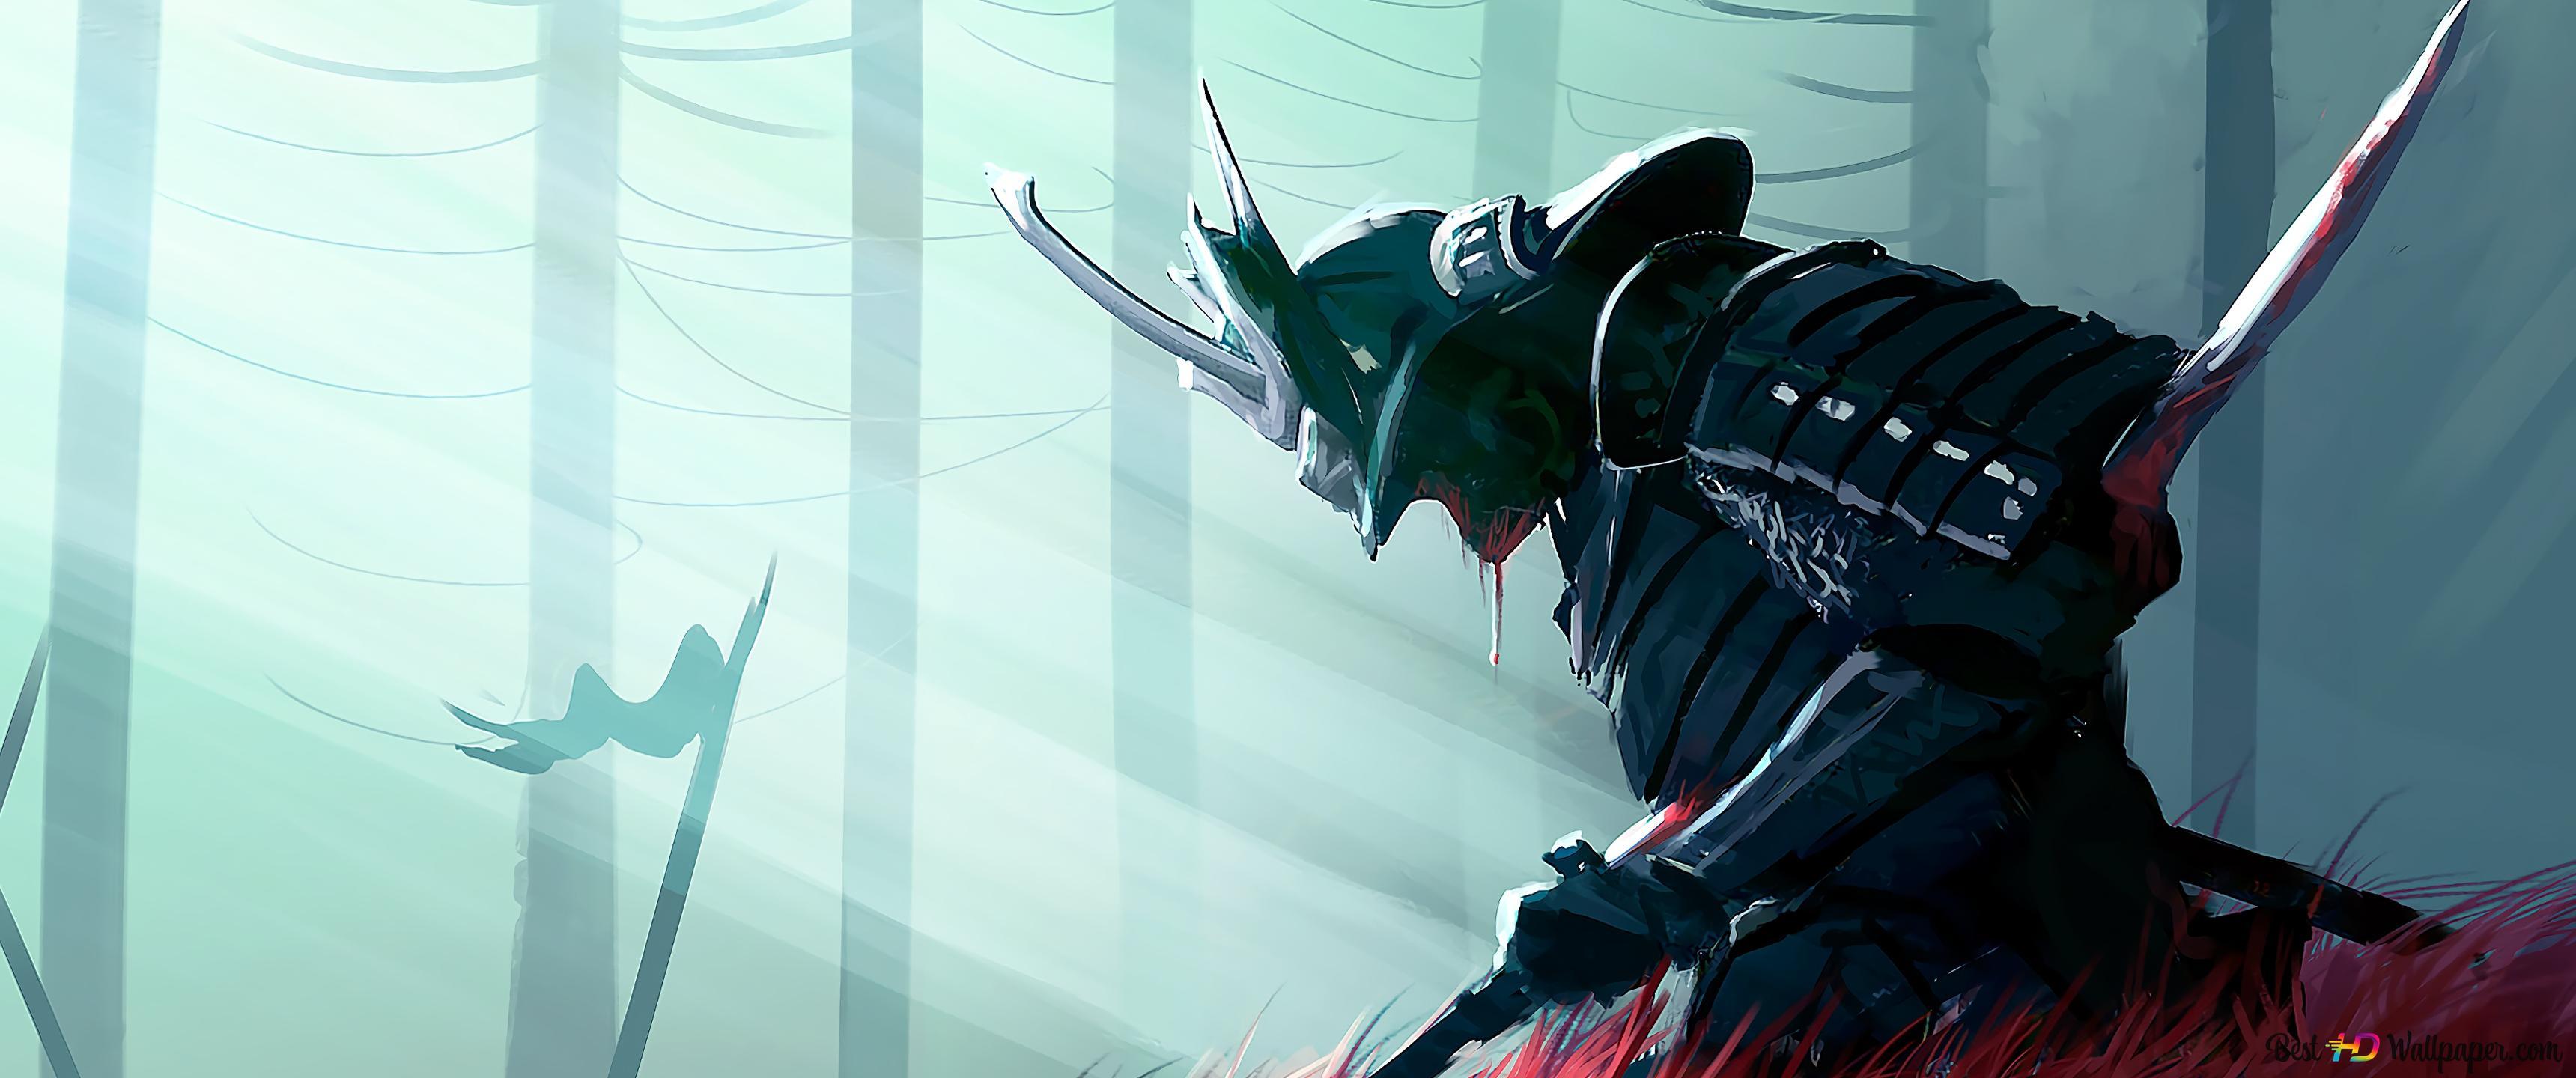 [Minha História] Um novo começo! [Meu diário] Guerreiro-do-samurai-da-fantasia-papel-de-parede-3440x1440-12595_15